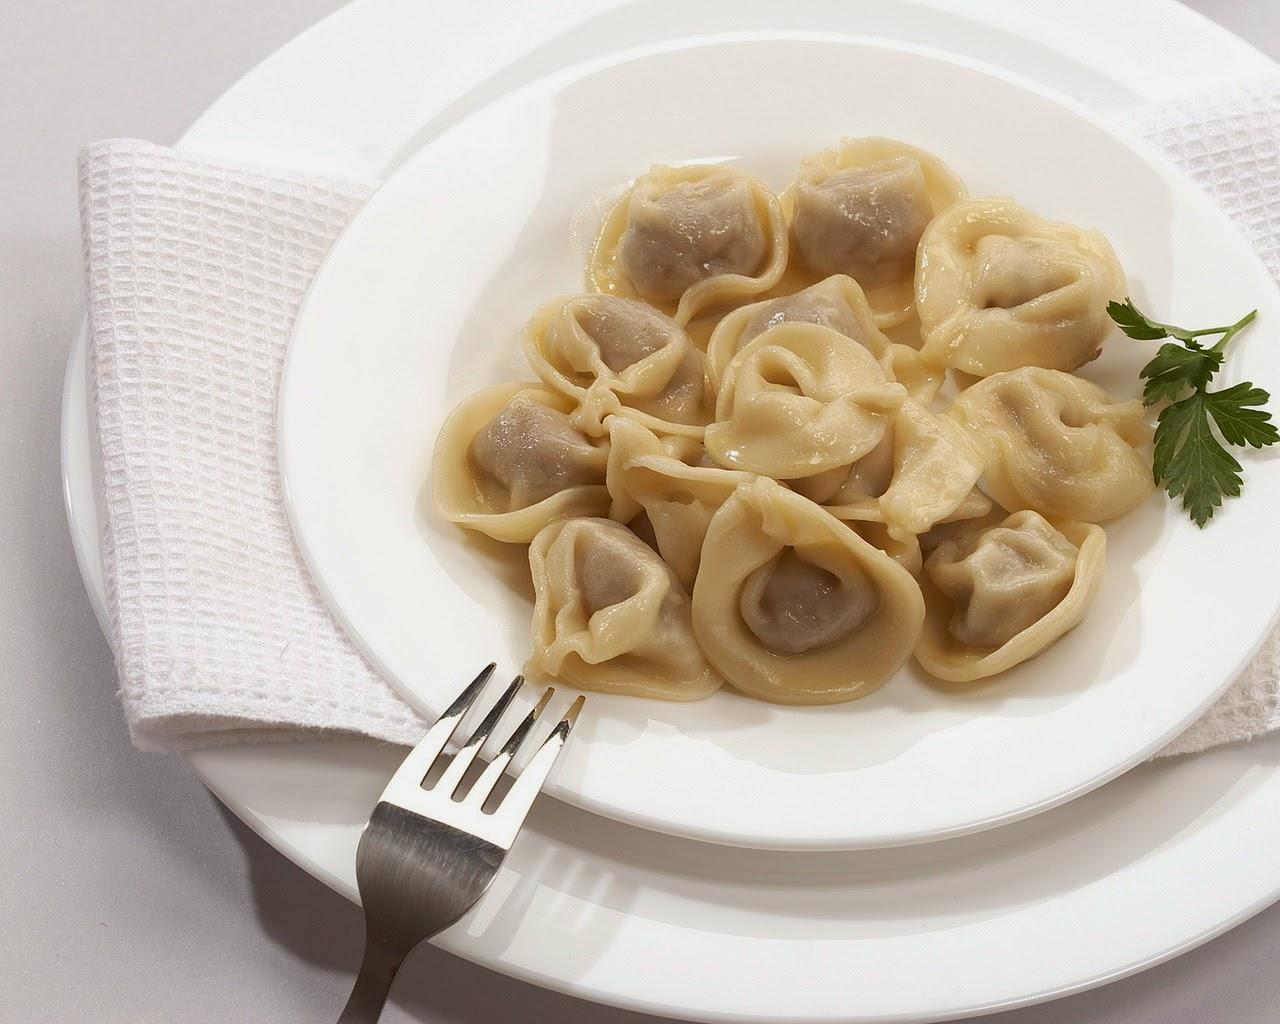 comida-típica-rusa-comida-tipica-de-Rusia-platos-tipicos-de-Rusia